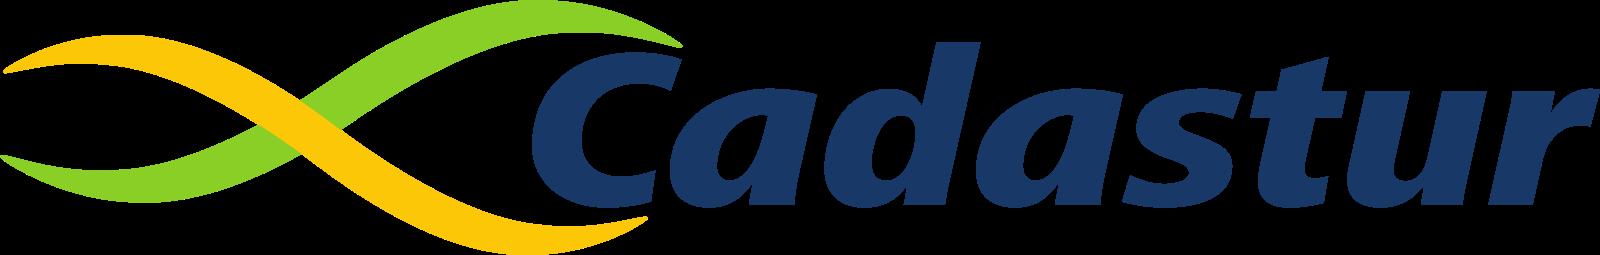 cadastur logo 2 - Cadastur Logo